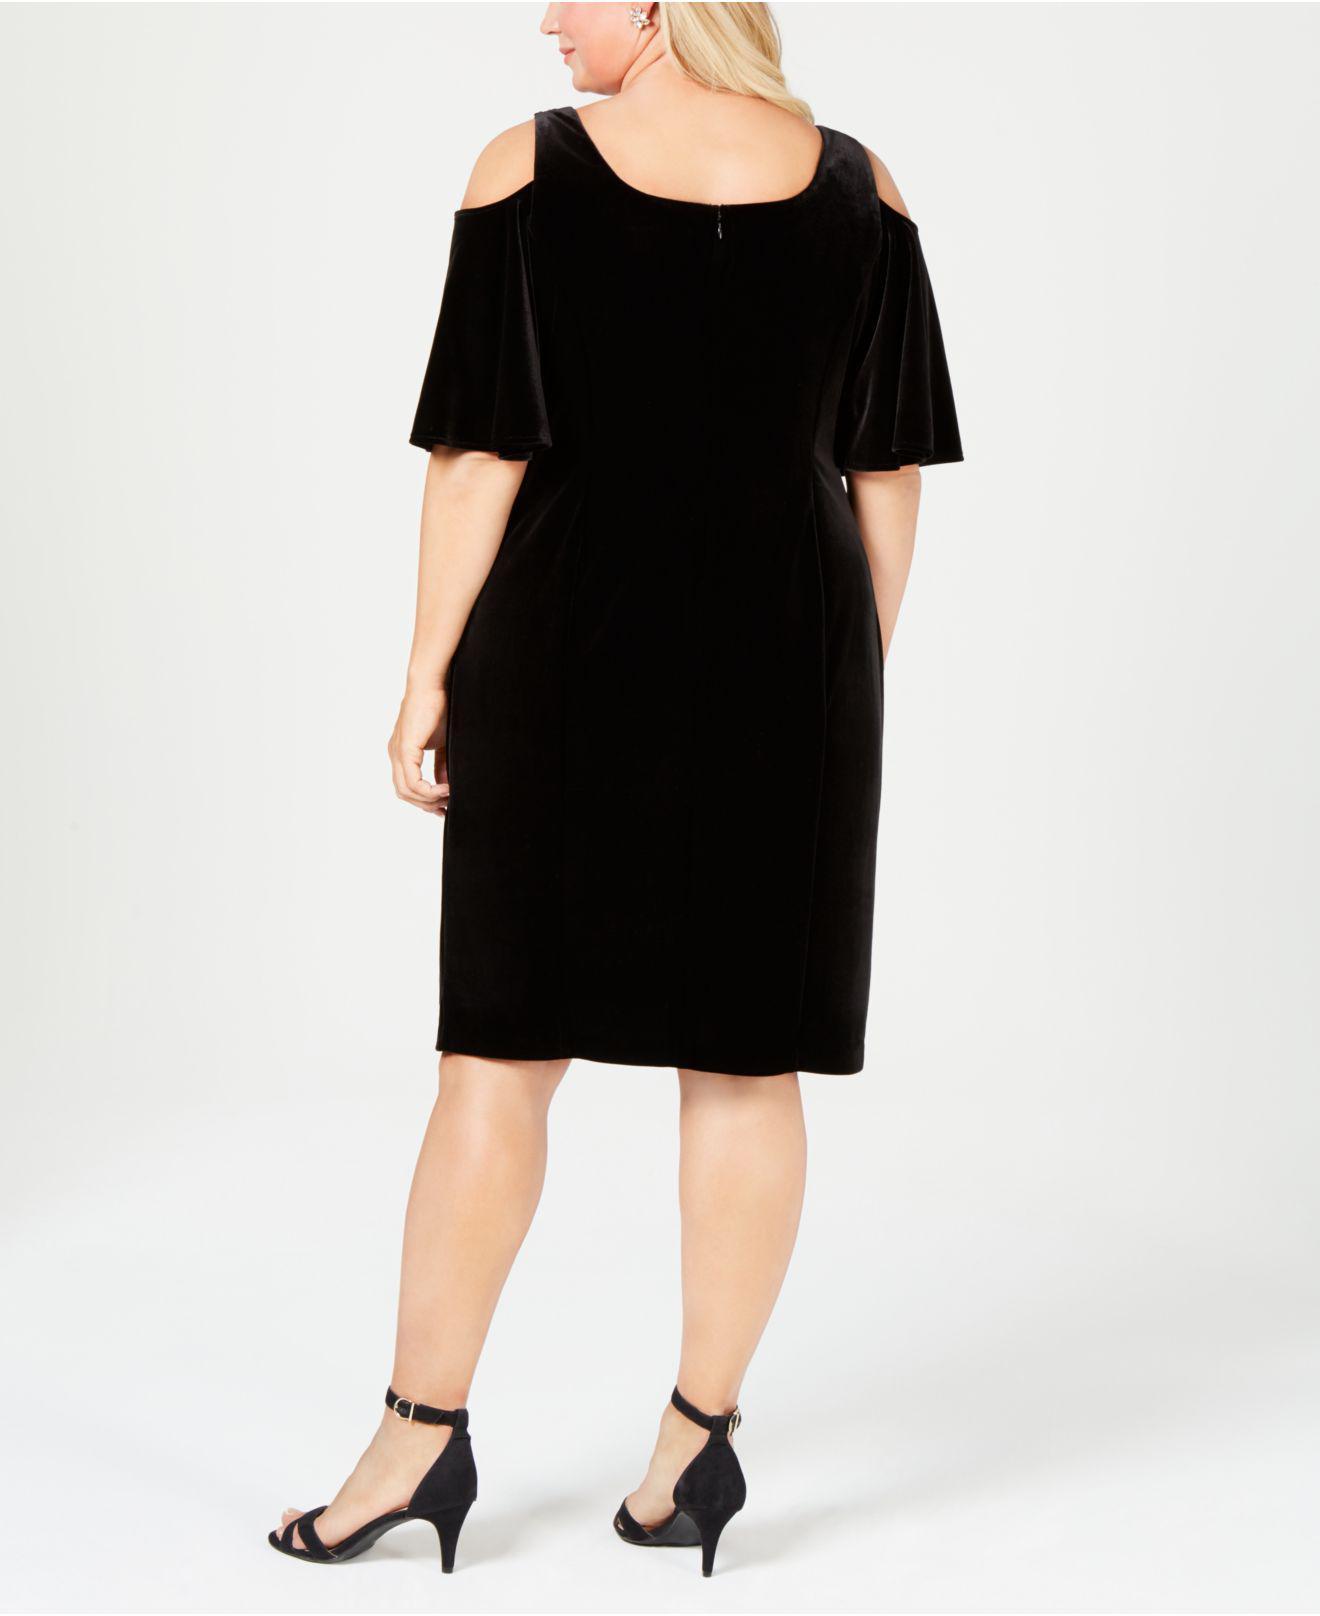 a1e5973b04d Lyst - Alex Evenings Plus Size Cold-shoulder Velvet Dress in Black